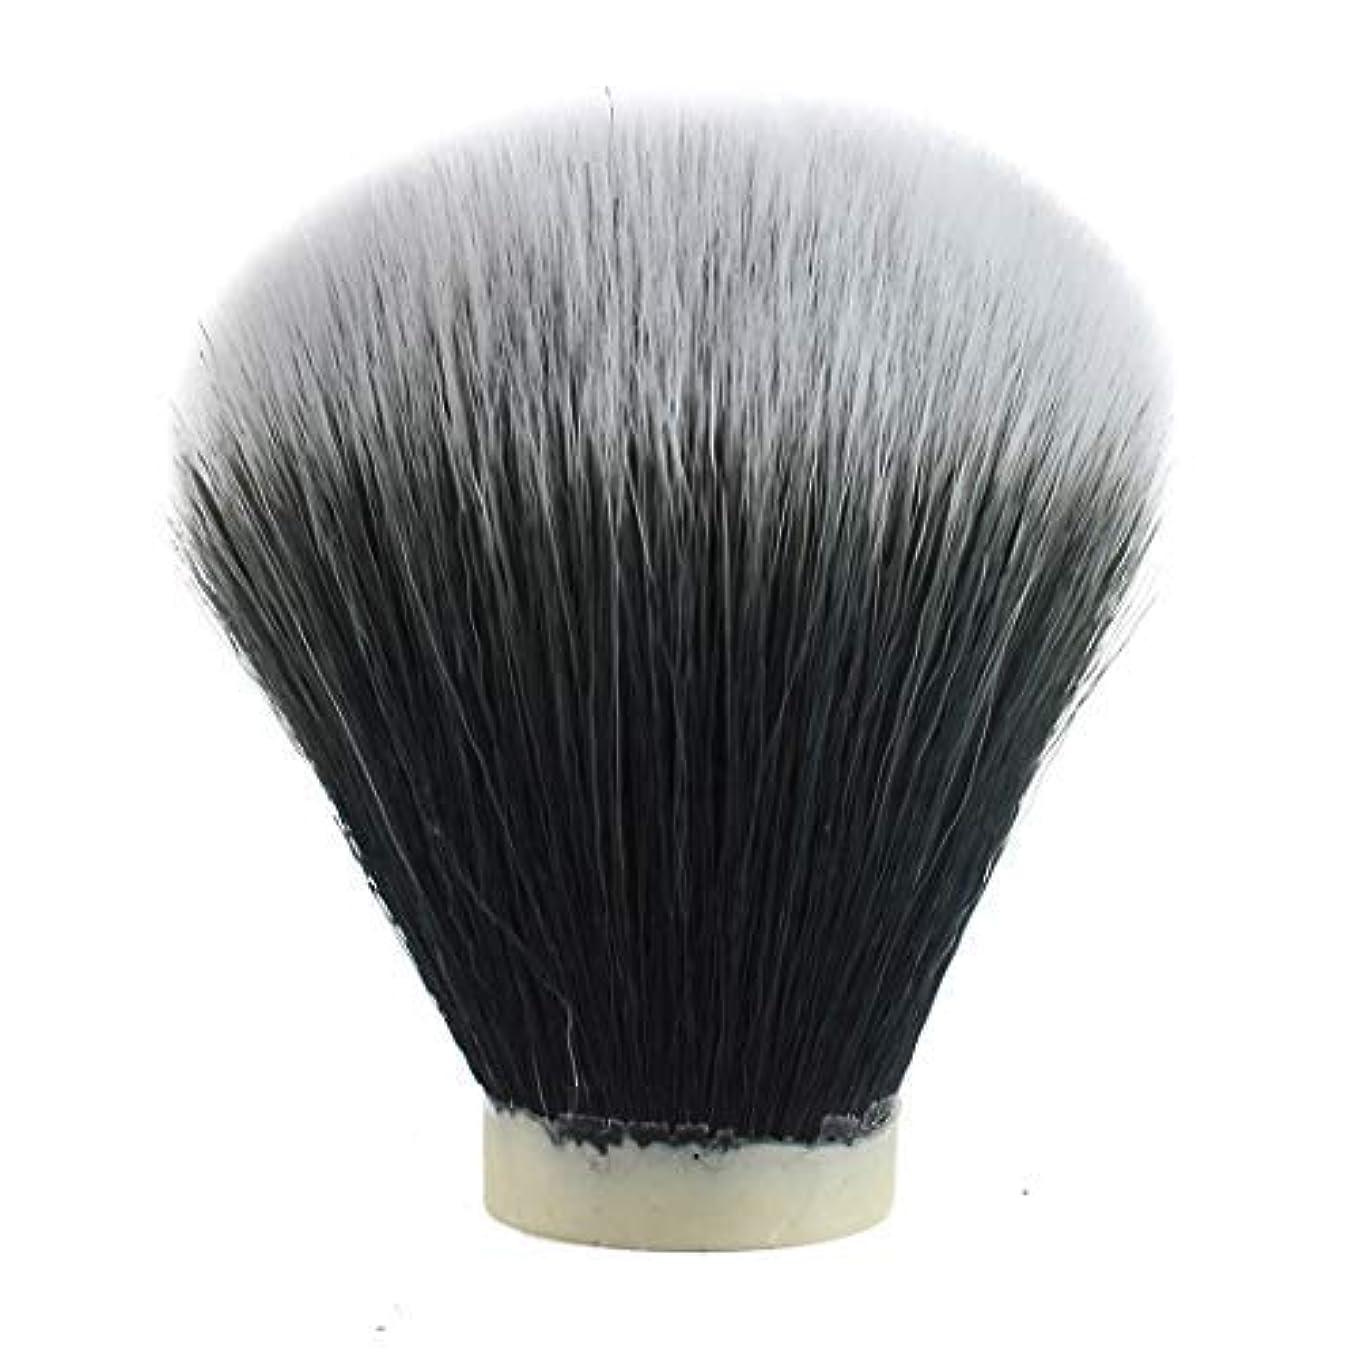 検索エンジンマーケティングビリーヤギアルバムTuxedo Synthetic Hair Brush Shaving Knot (24mm) [並行輸入品]